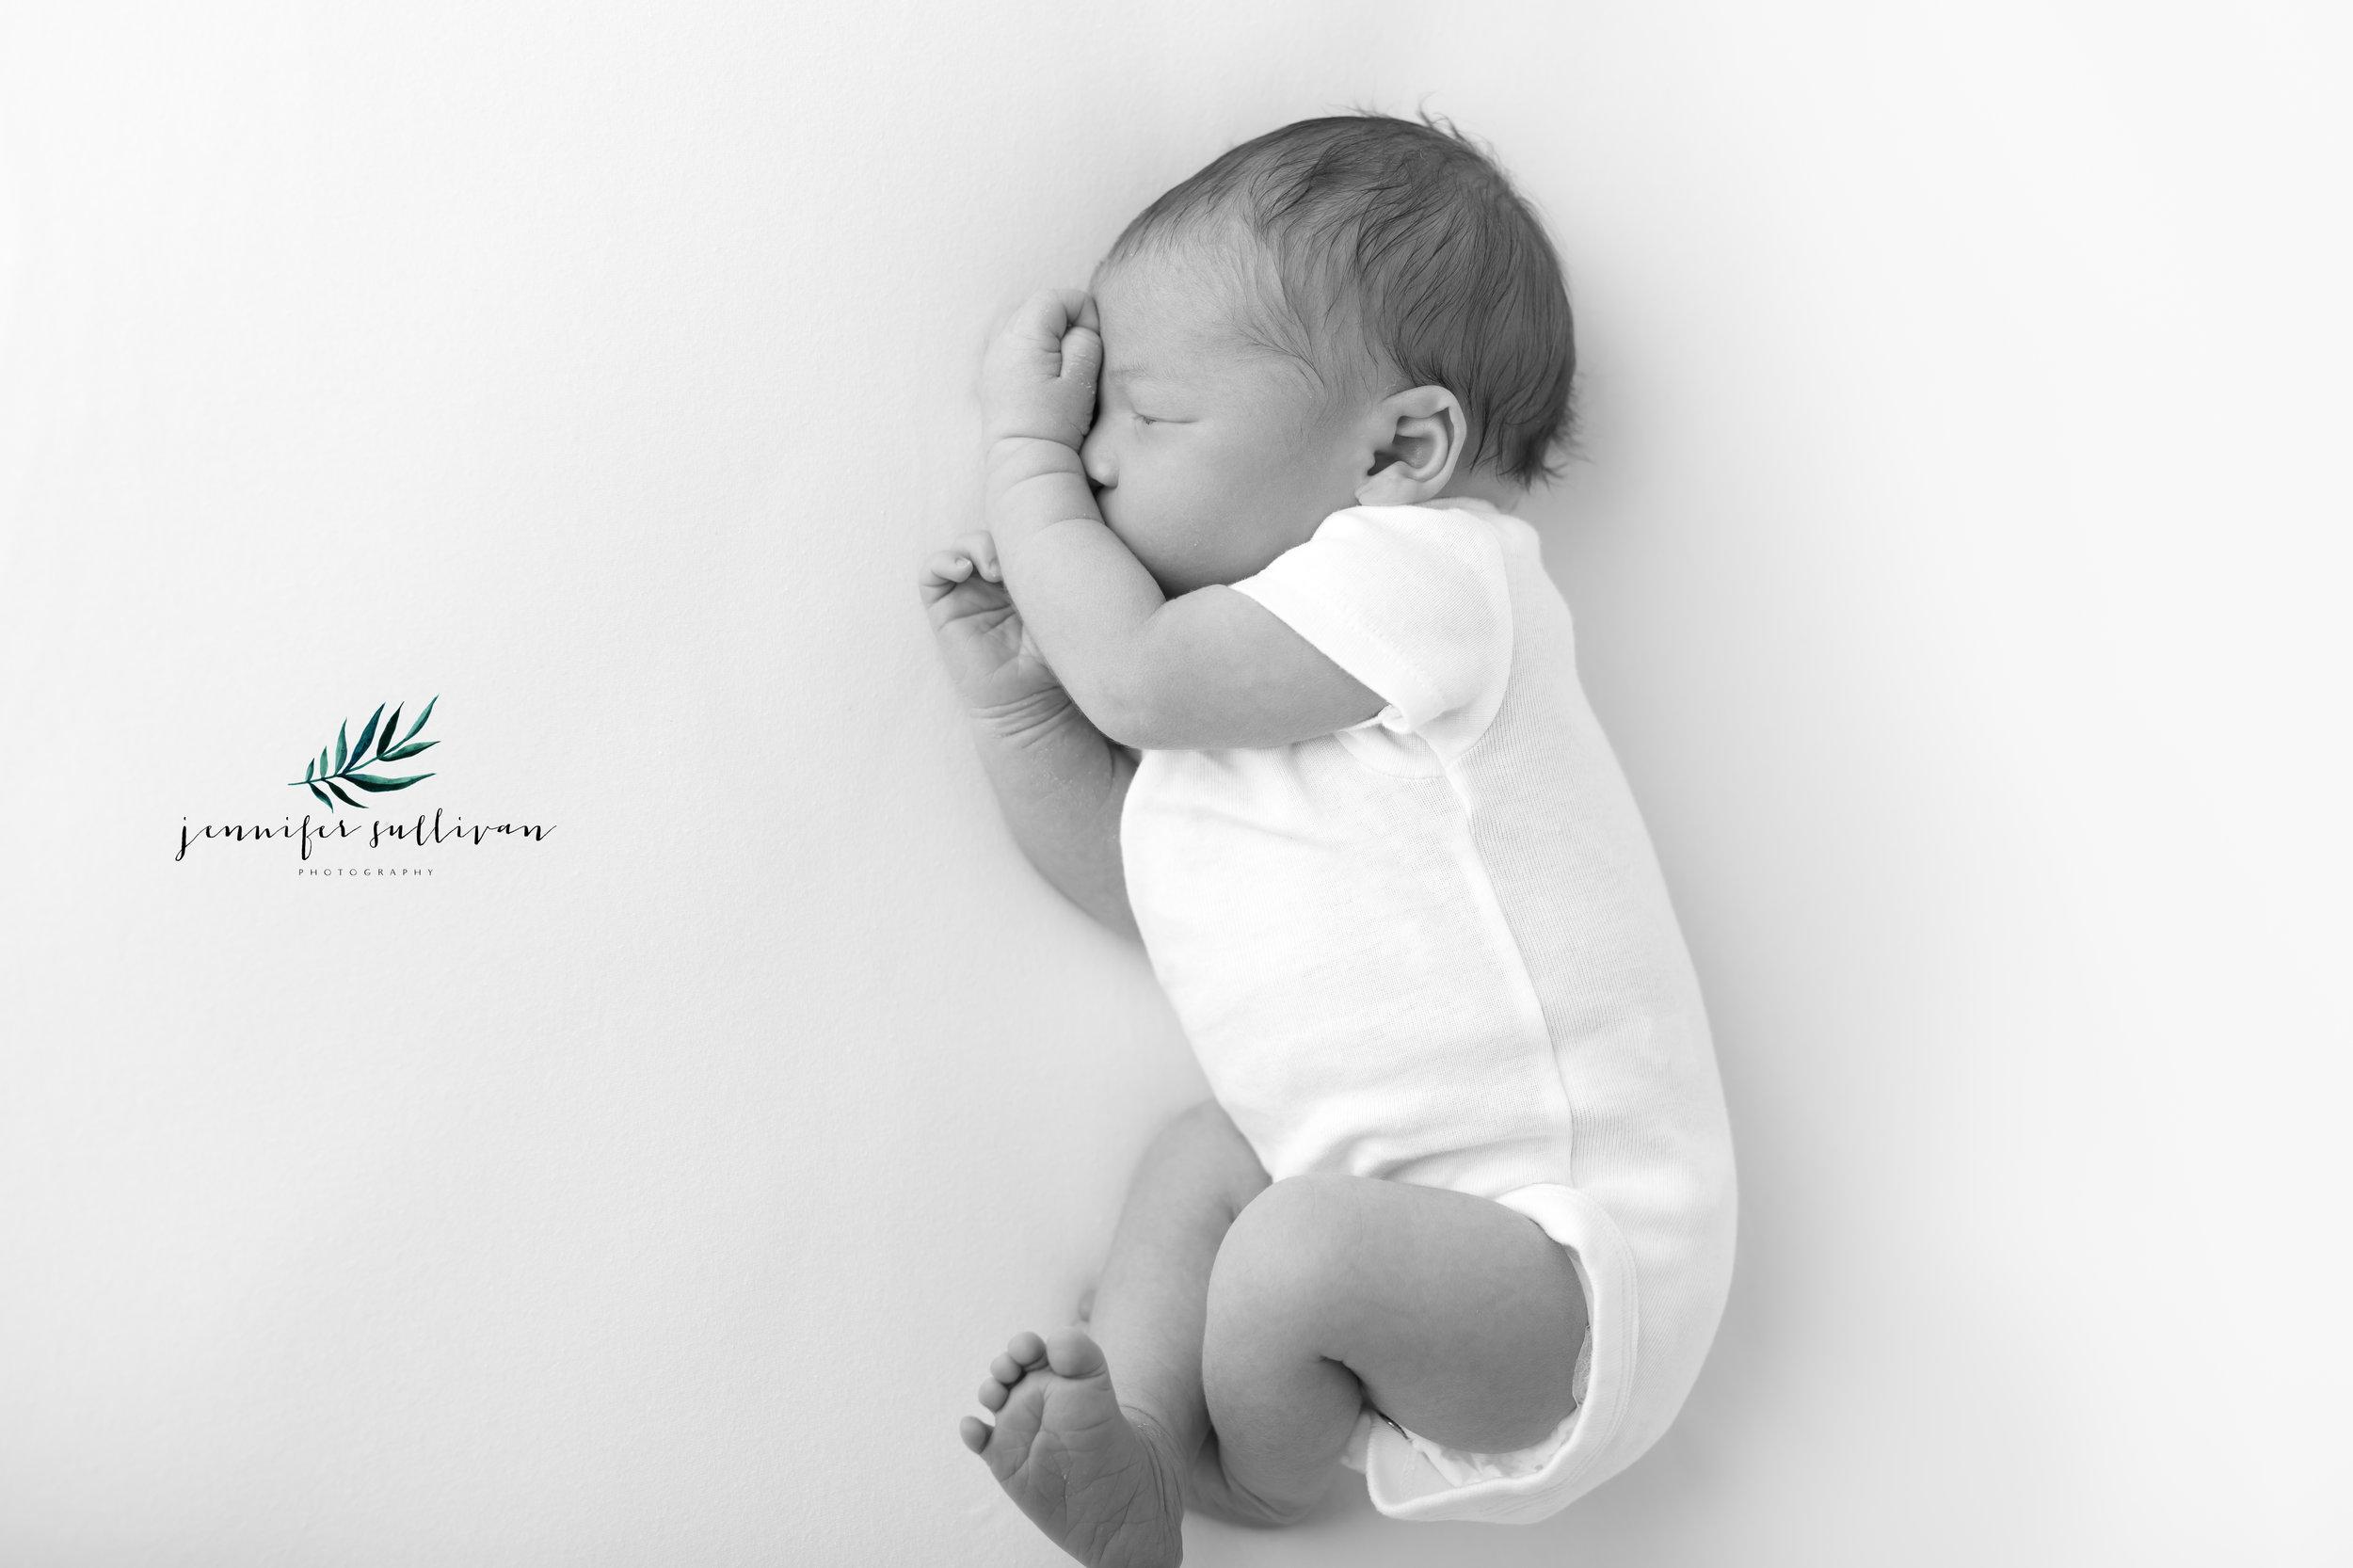 dartmouth baby photographer newborn-403.jpg